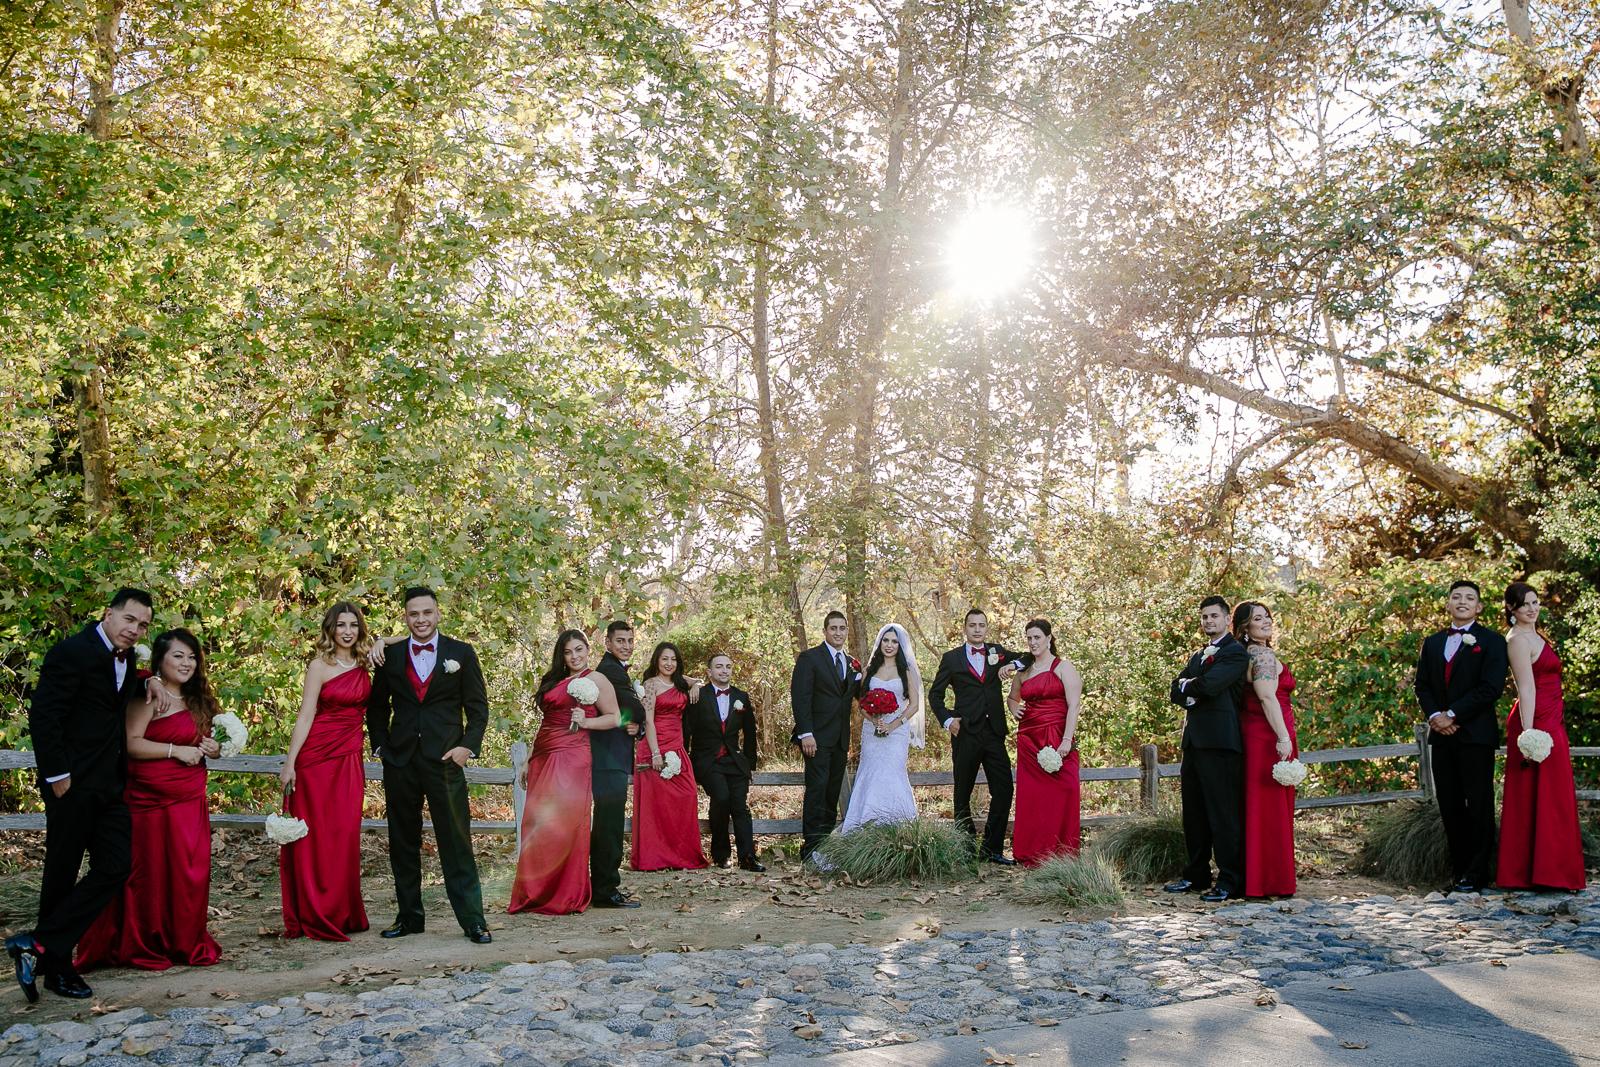 STACIE_&_JESUS_WEDDING_WEDGEWOOD_FALLBROOK_2015_2015_IMG_4411.JPG